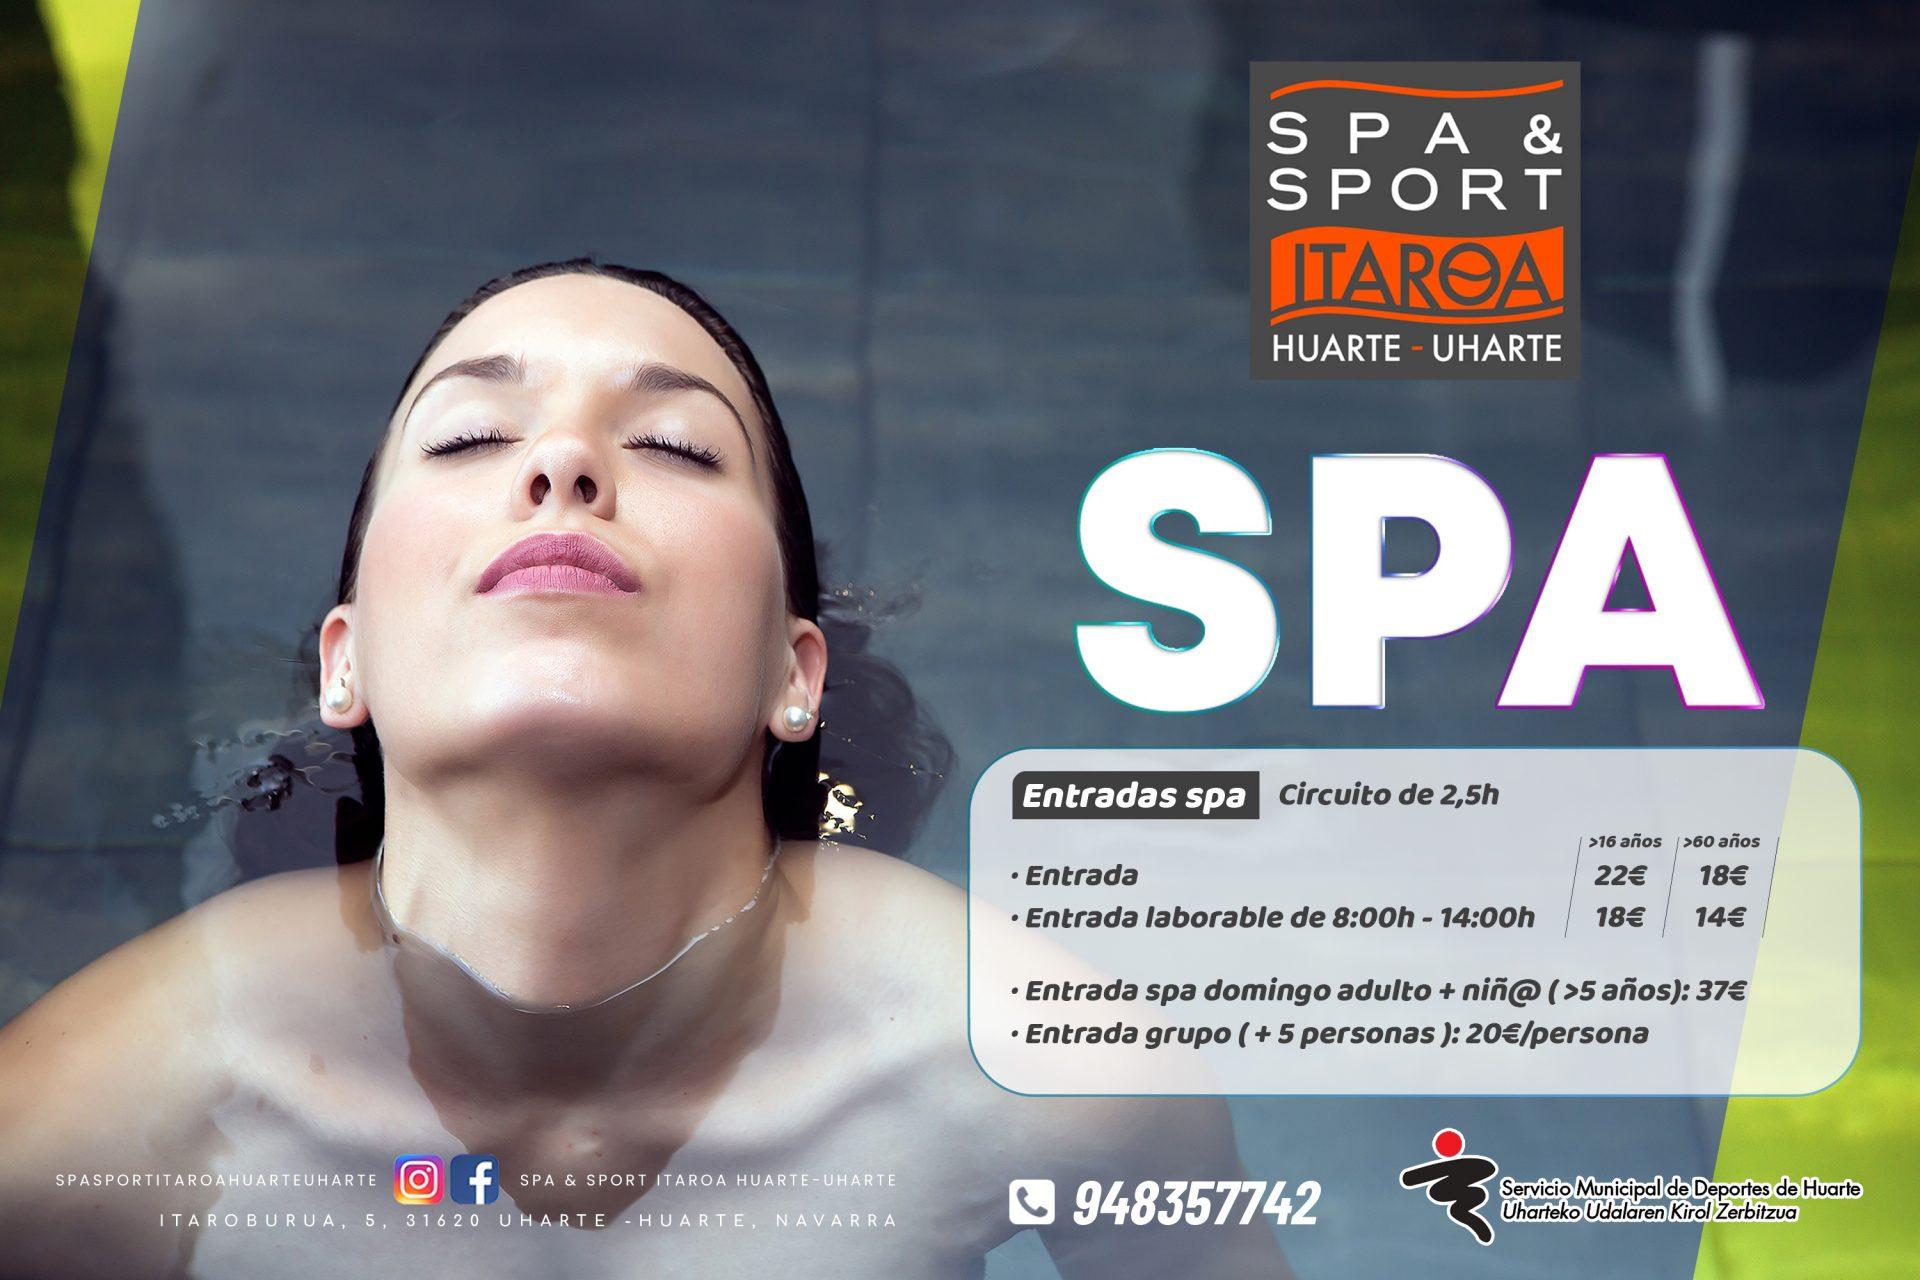 Spa&sport Itaroa Huarte spa promoción 1